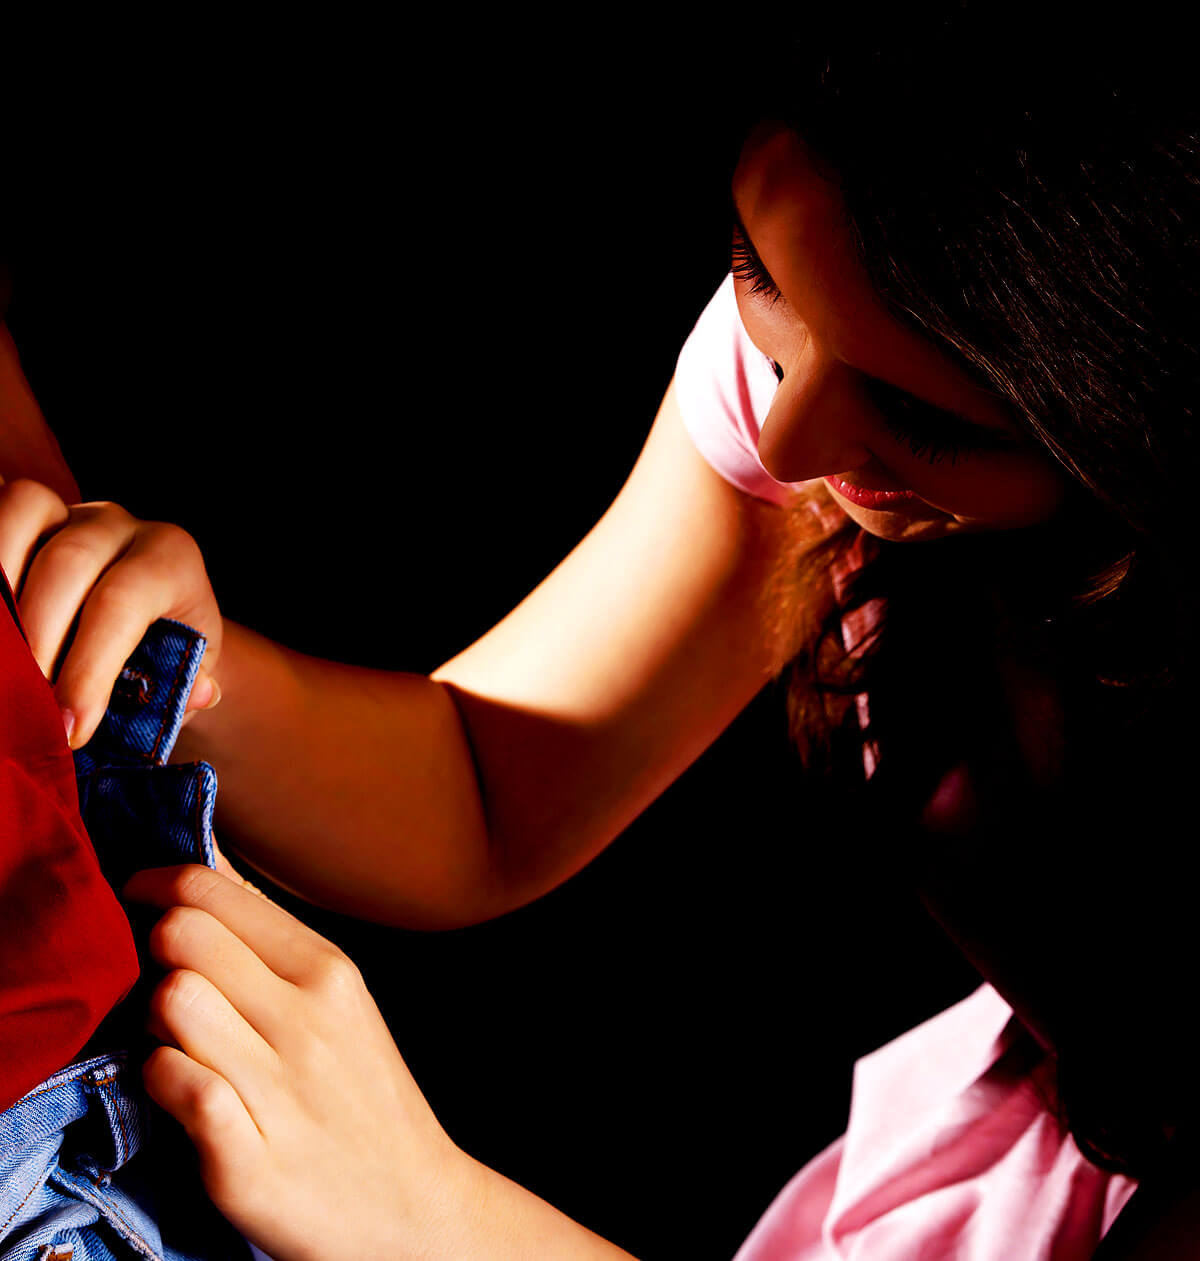 feigwarzen ansteckung durch oralverkehr